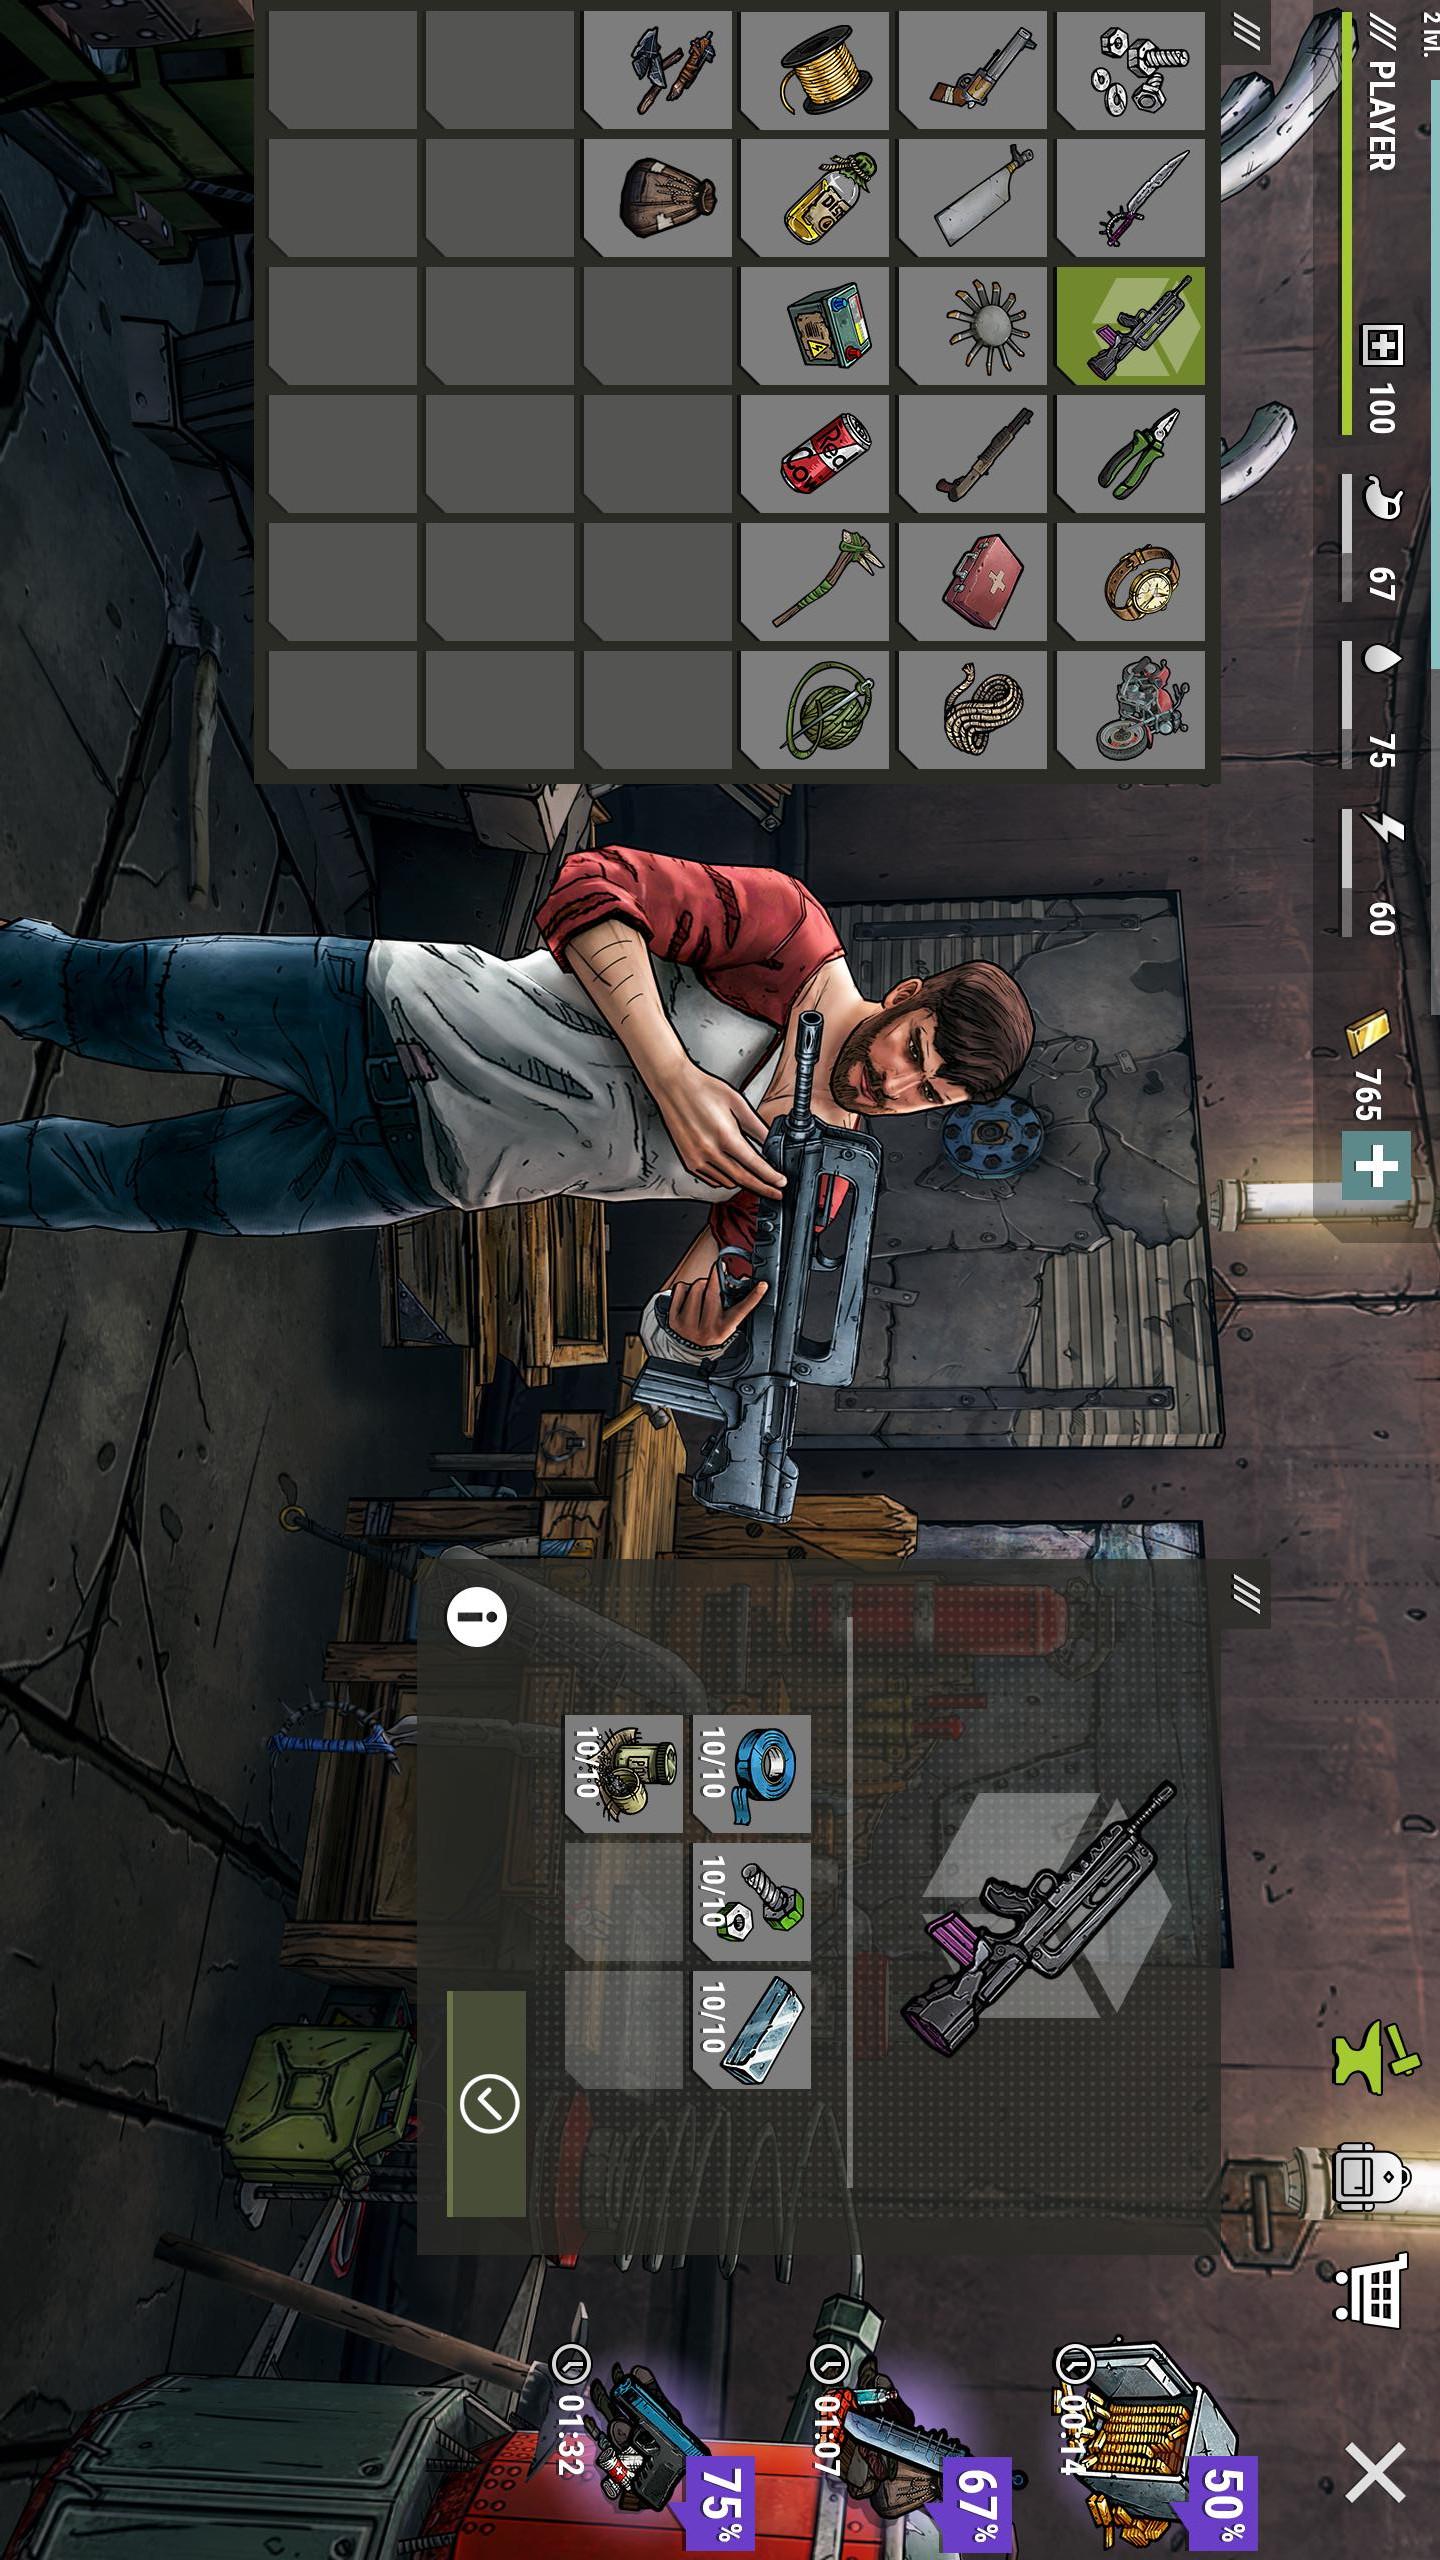 黑暗时代:丧尸求生(内置菜单)游戏截图